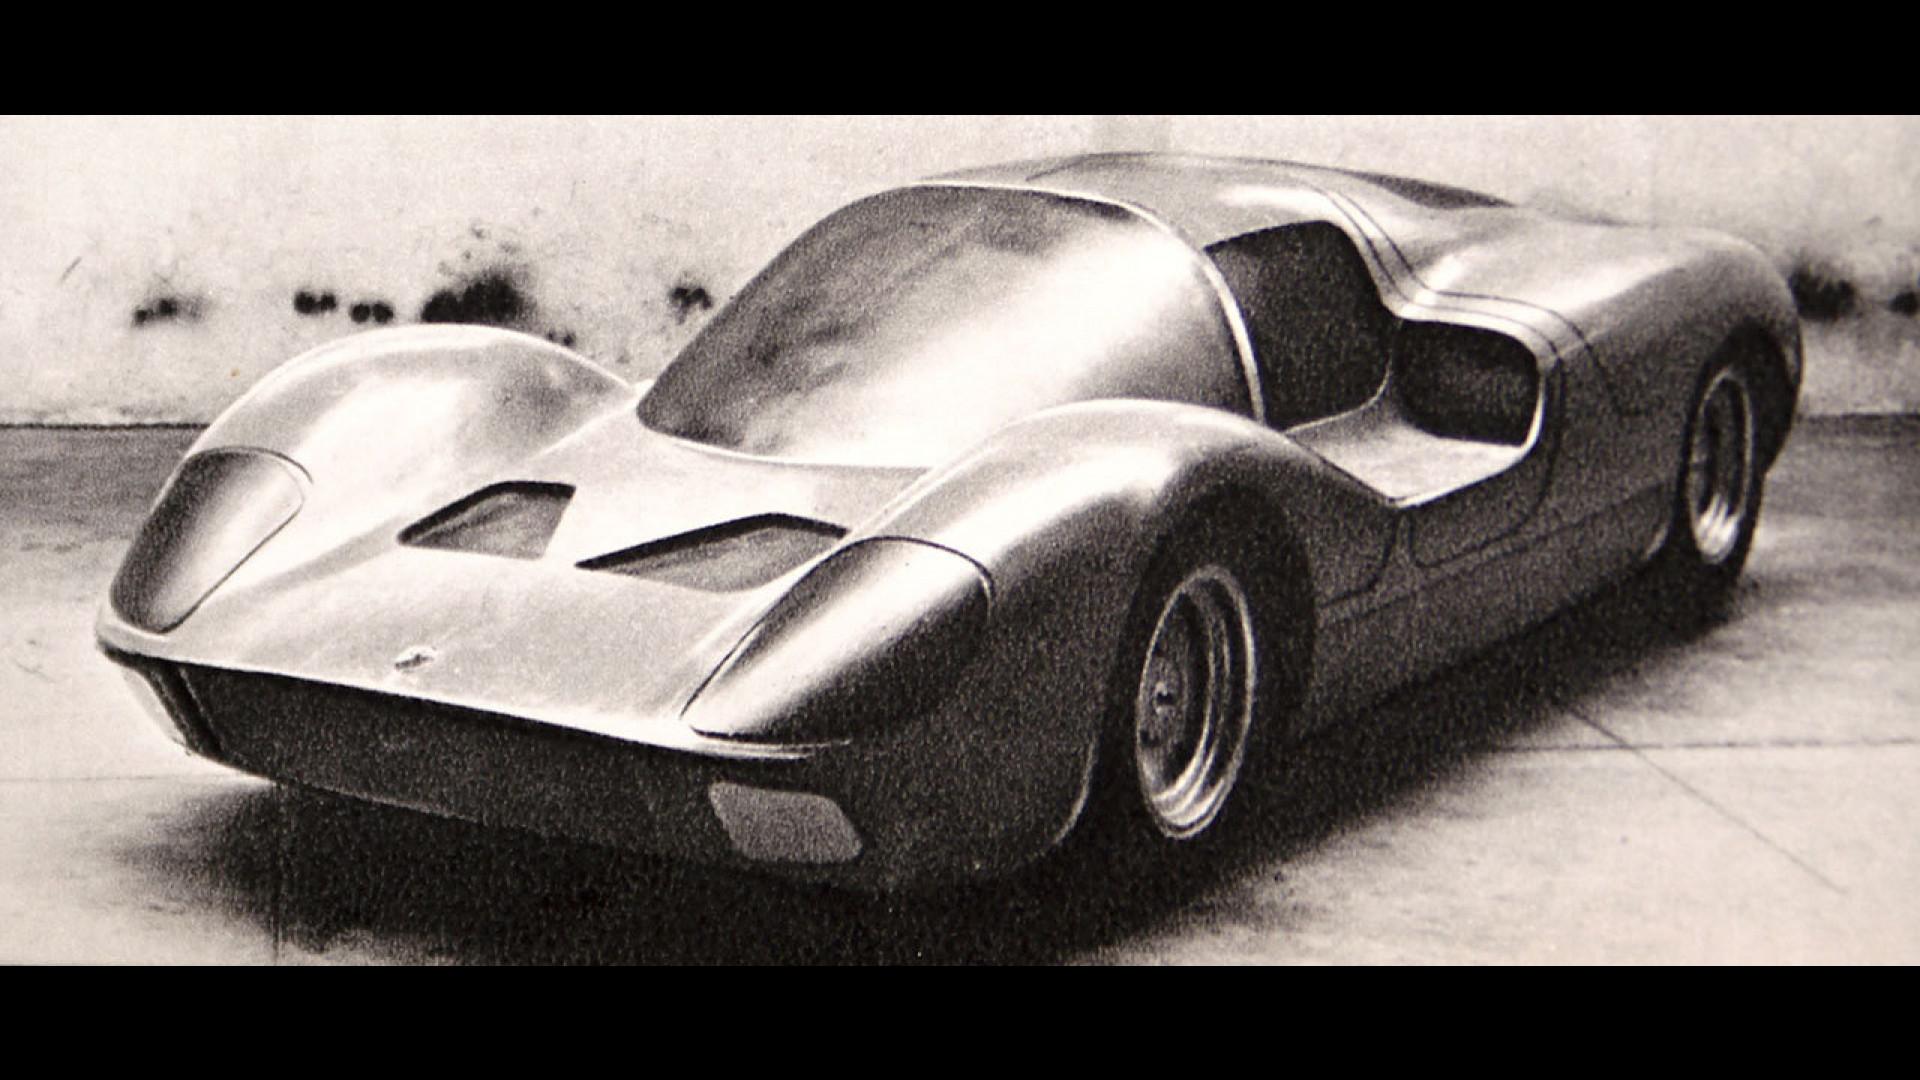 Abarth 6000 skulle ta opp kampen mot Ford GT40 MkIV på Le Mans i 1968, men reglene ble forandret, og ingen av dem fikk kjøre løp mer.